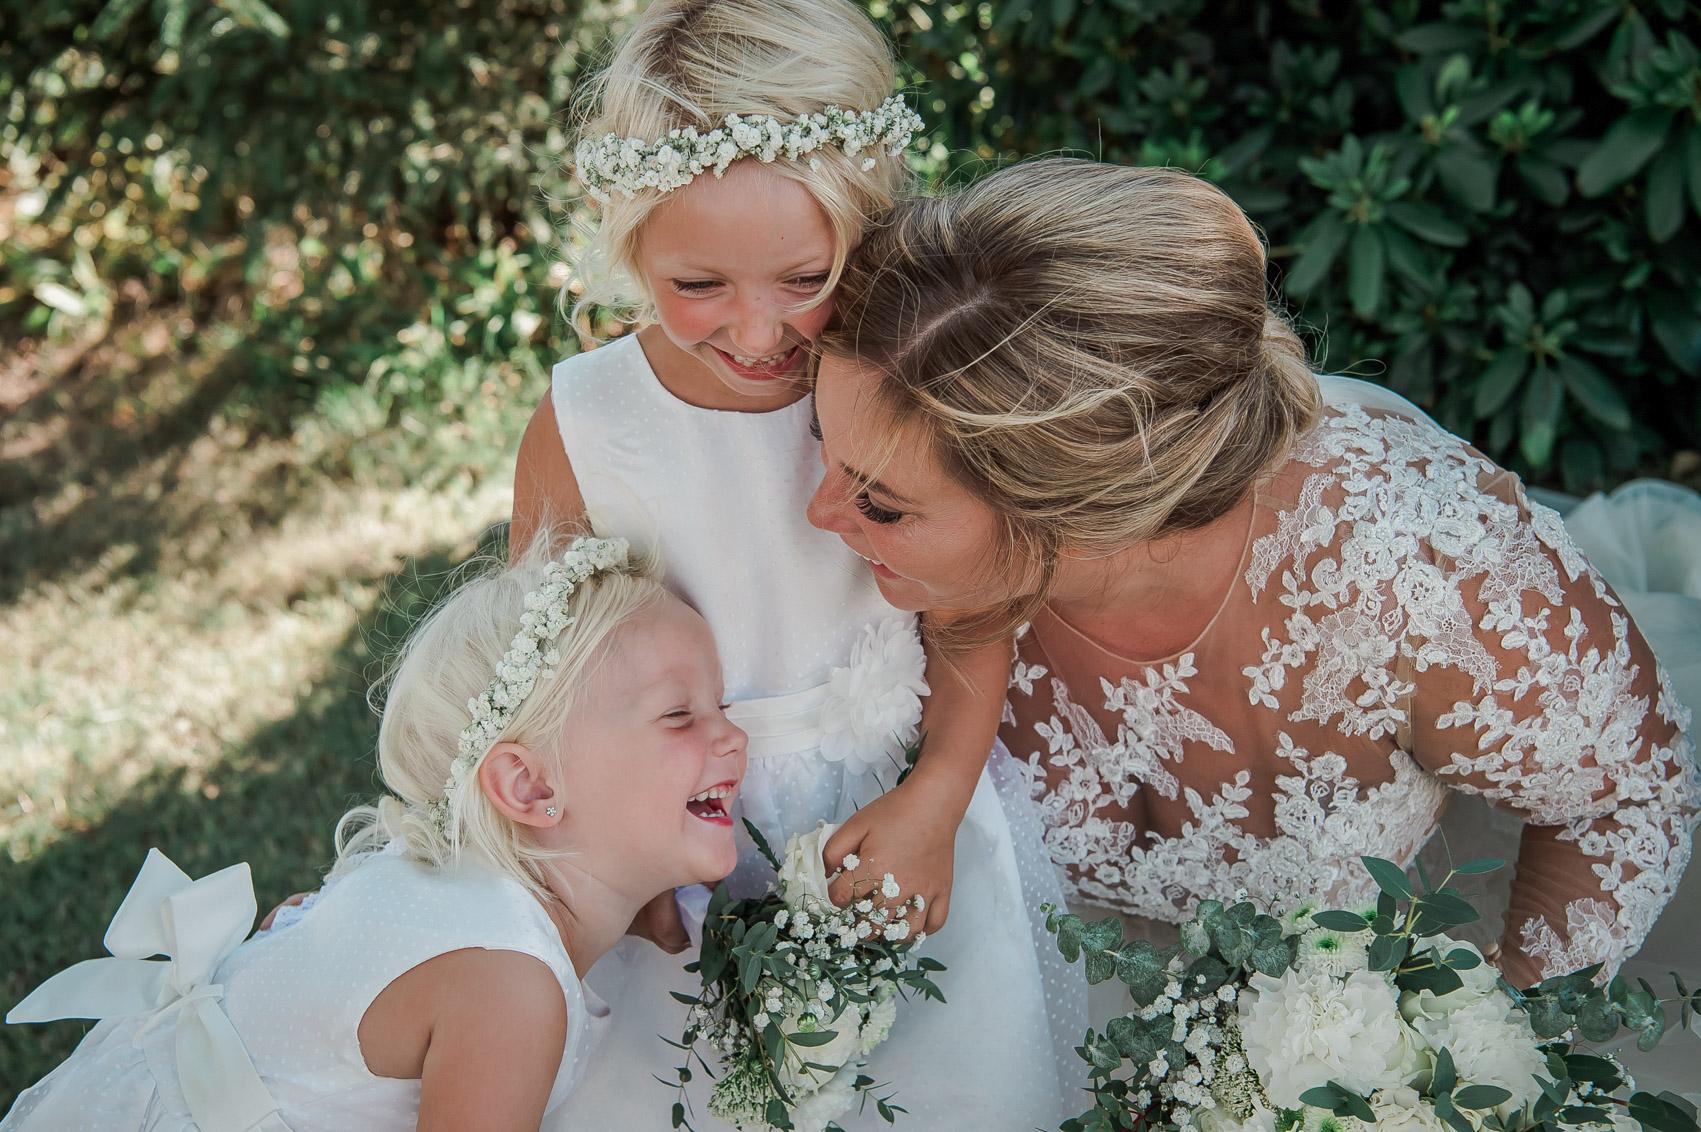 fotograf-tønsberg-bryllup-bryllupsfotograf-13.jpg